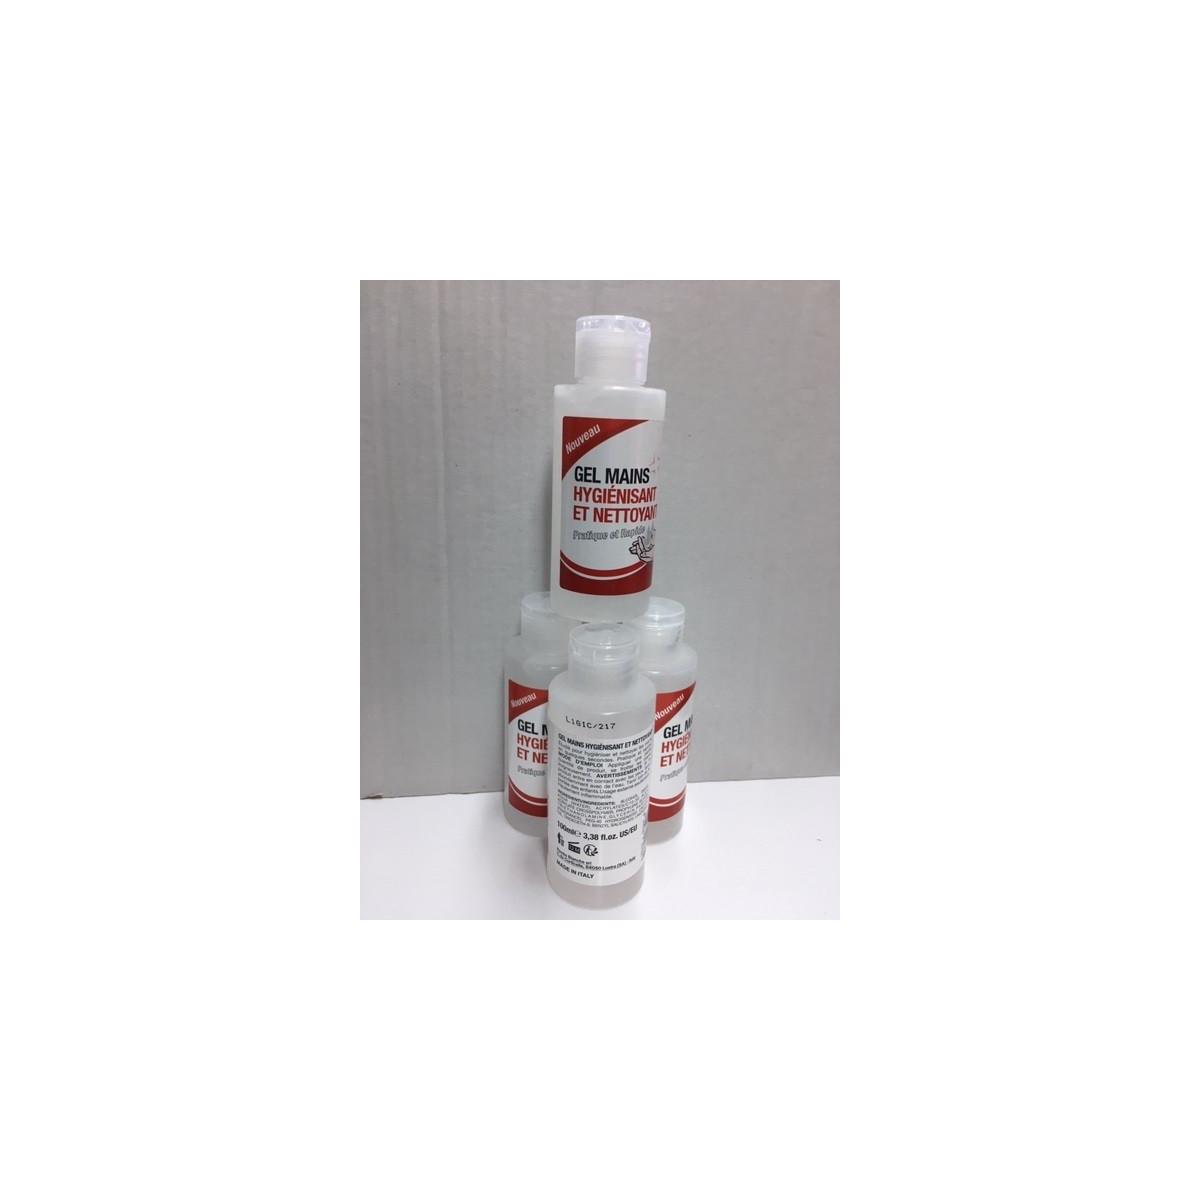 Gel Hydro alcoolique désinfectant 100ml